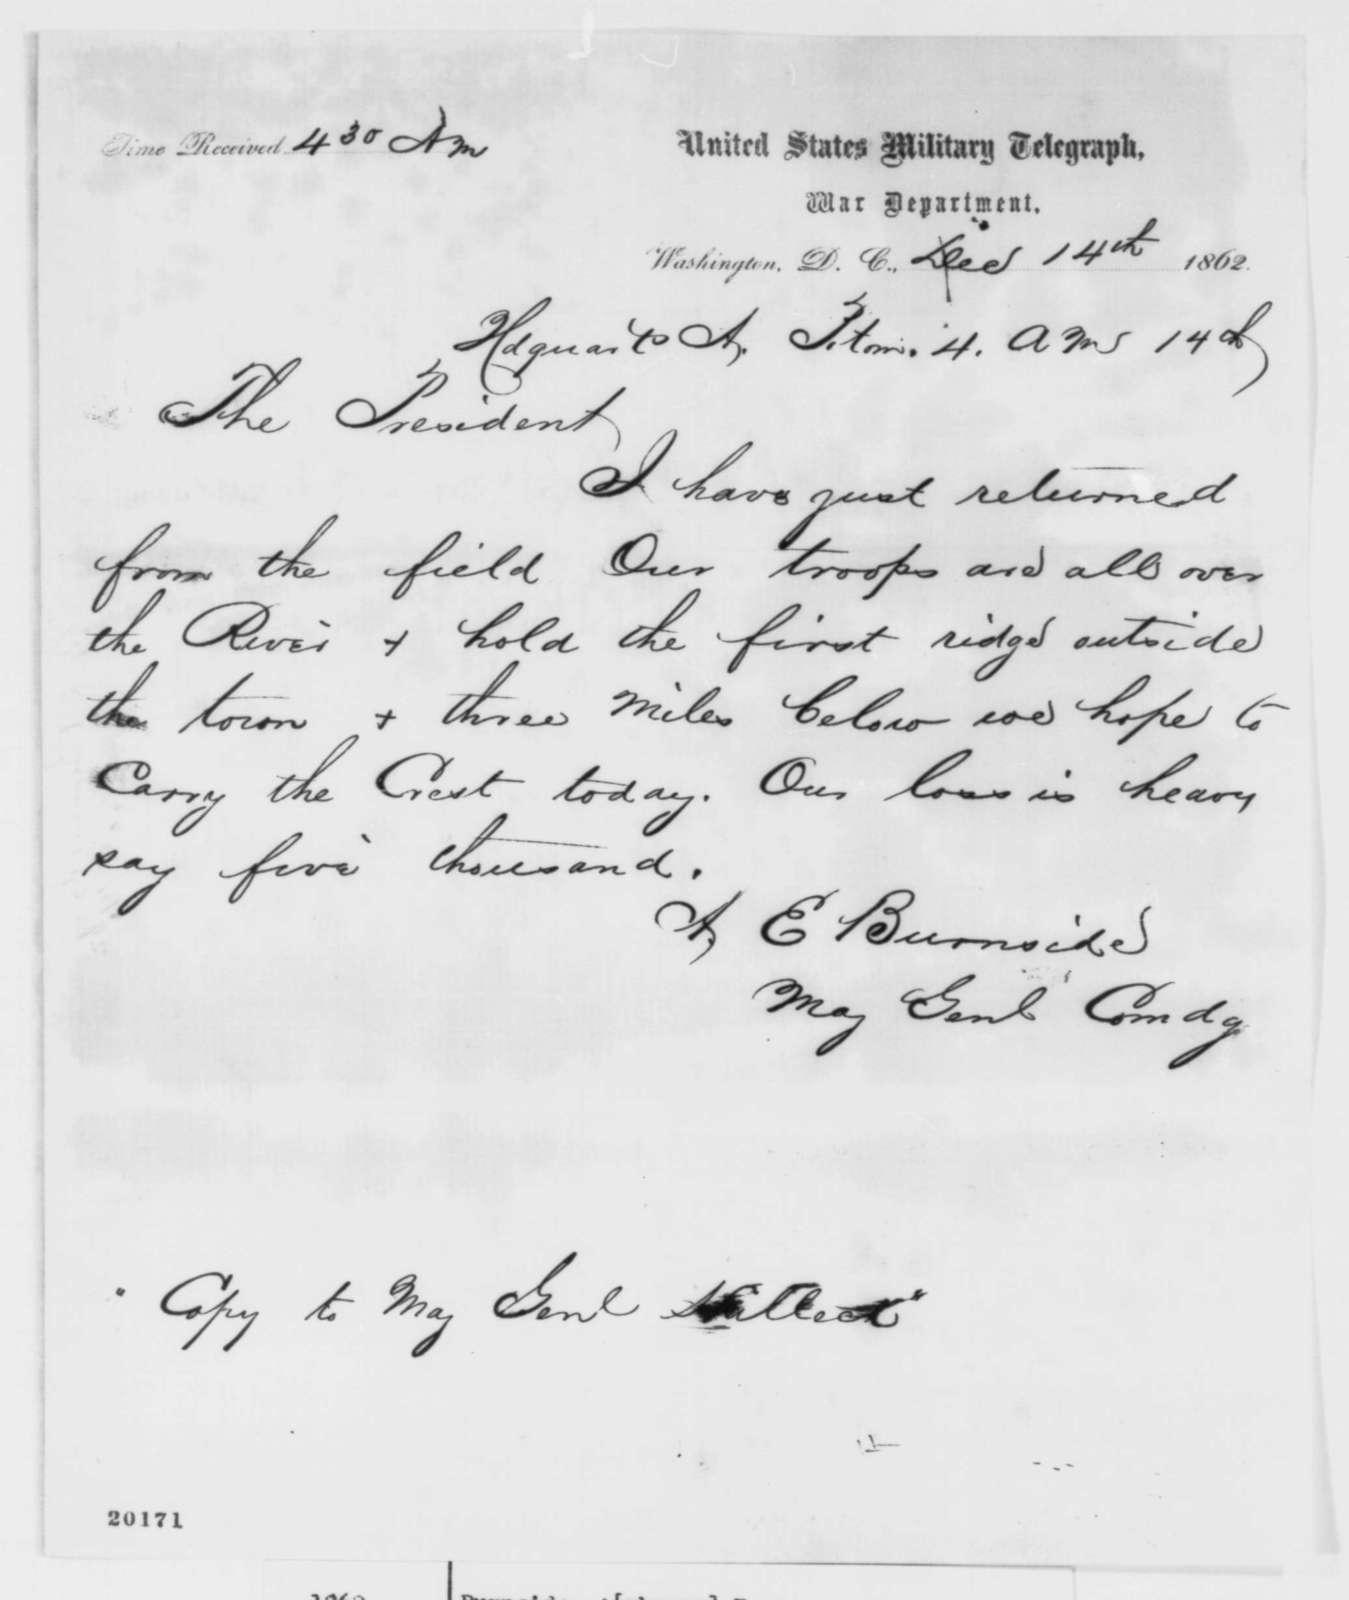 Ambrose E. Burnside to Abraham Lincoln, Sunday, December 14, 1862  (Telegram reporting battle at Fredericksburg)